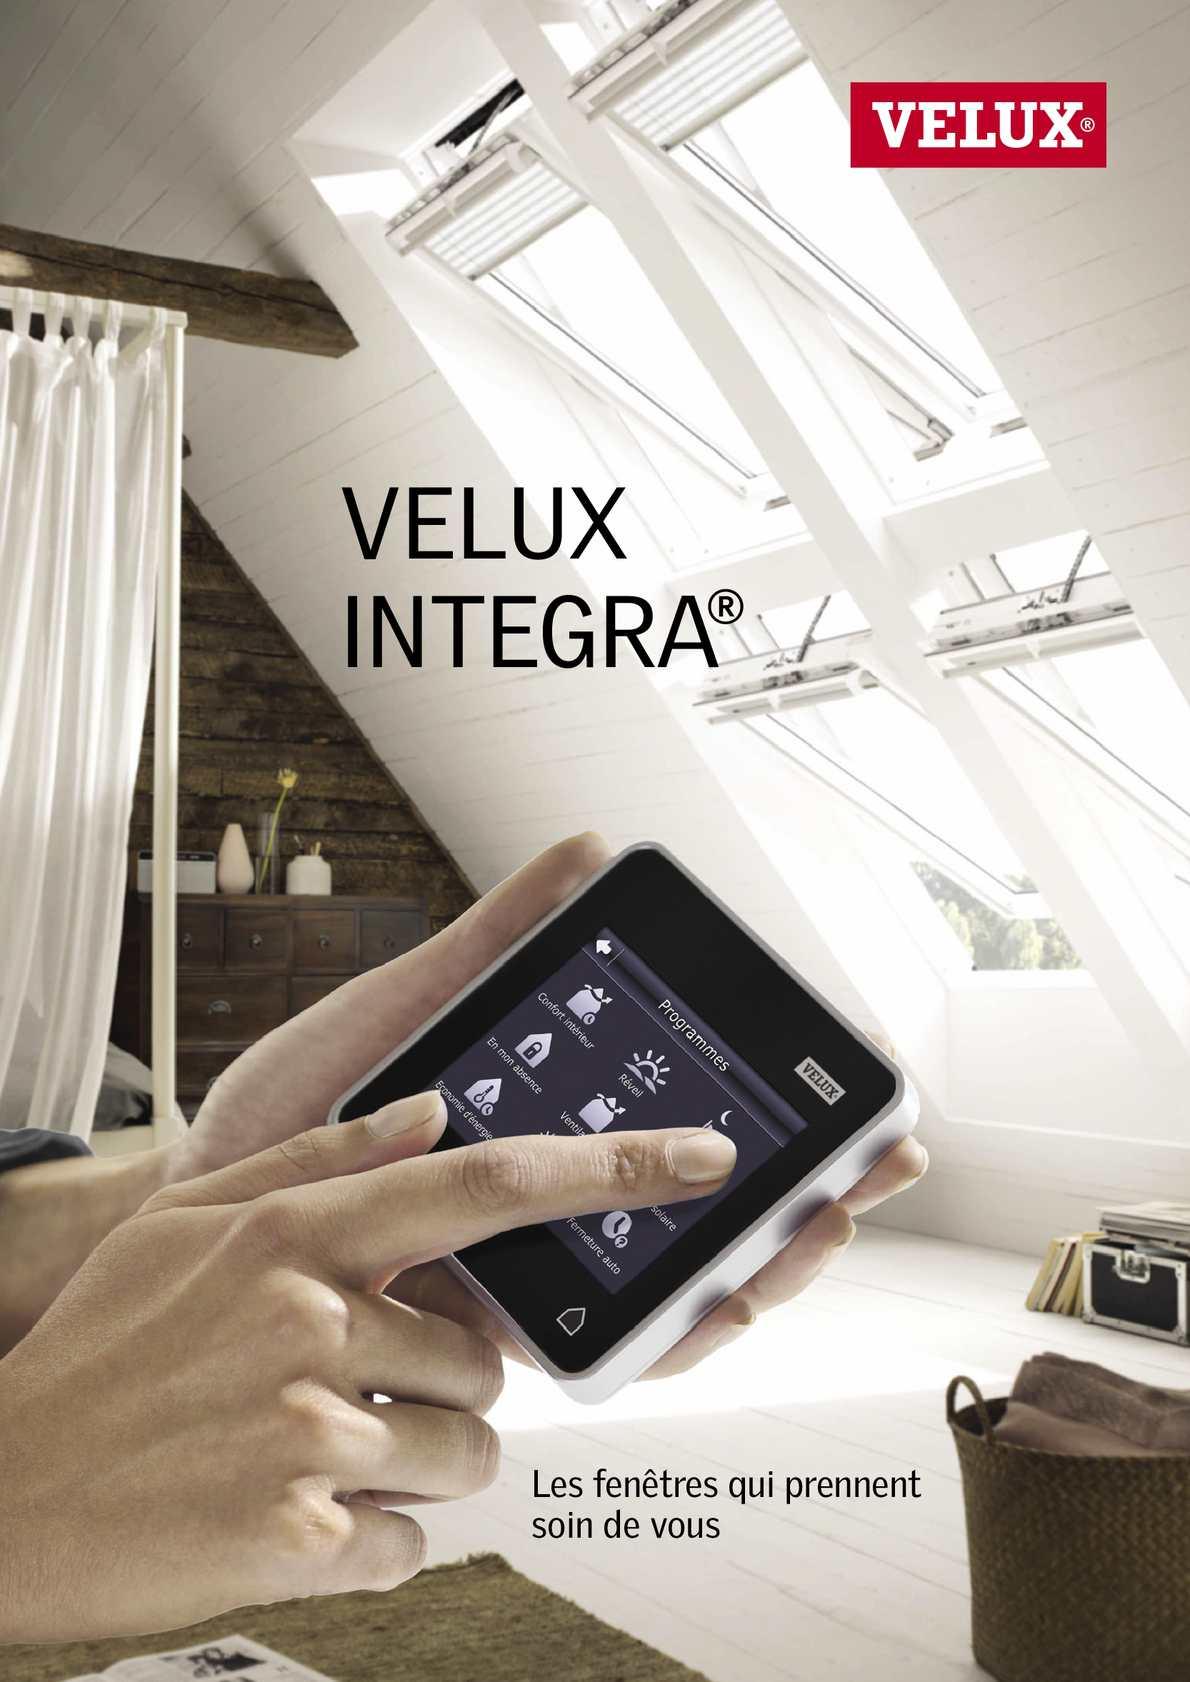 Barre D Ouverture Velux à calaméo - velux integra®   velux